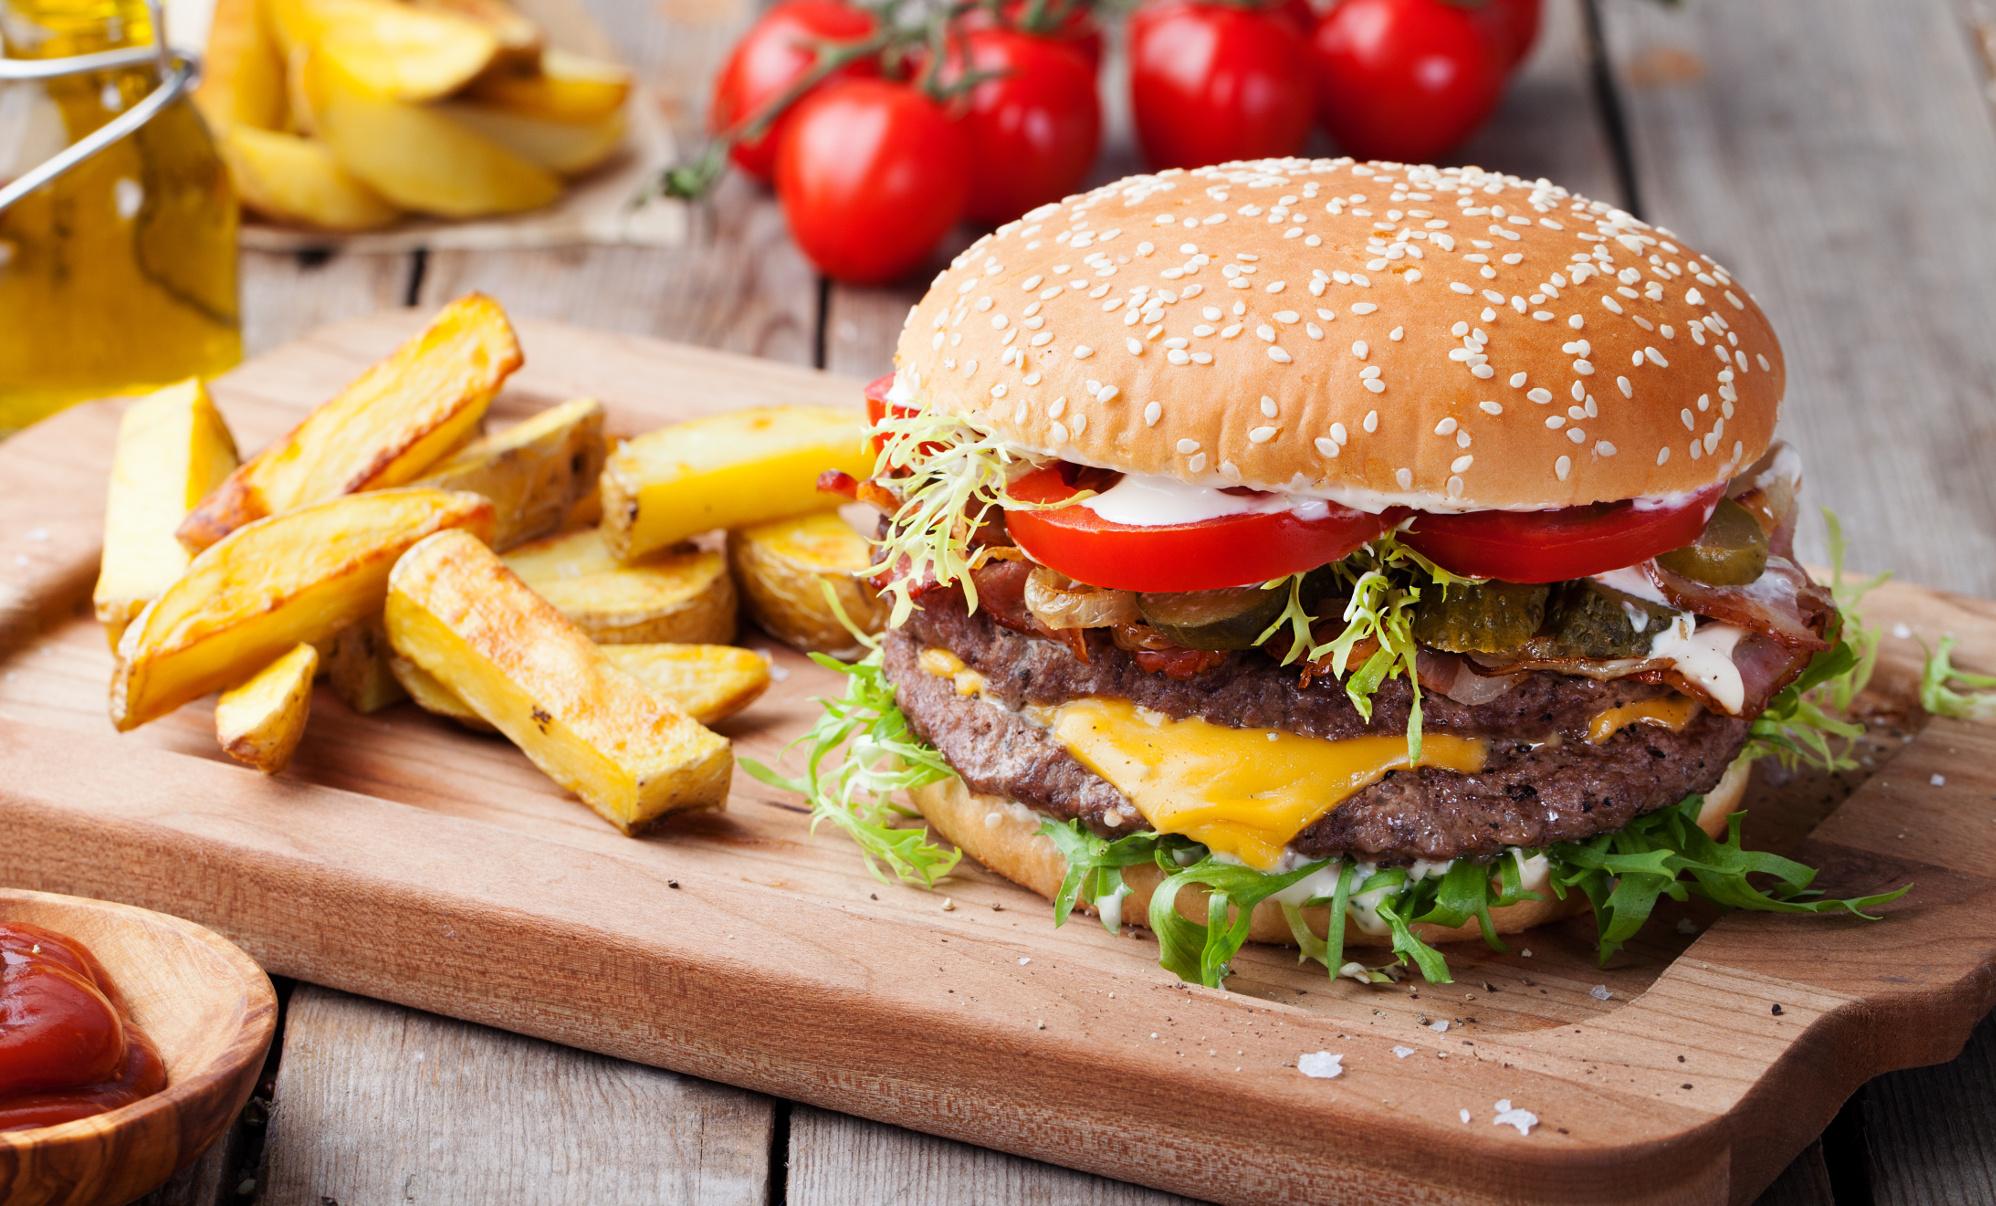 hamburguesa con papas a la francesa sobre tabla de mader